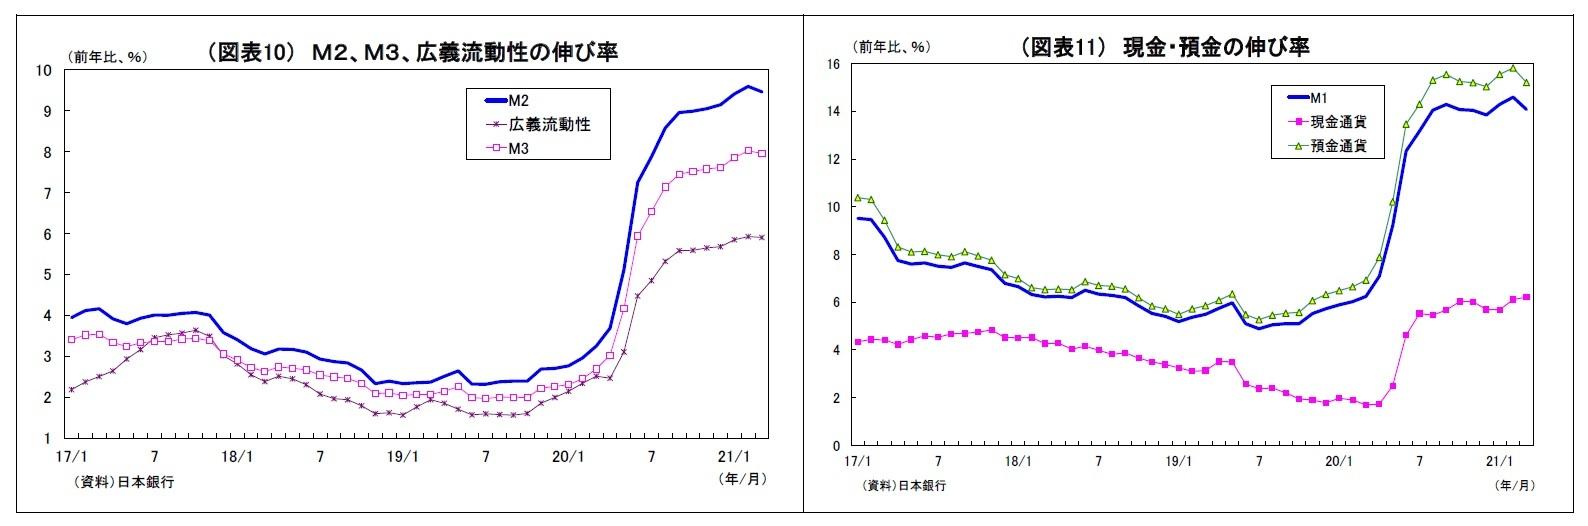 (図表10) M2、M3、広義流動性の伸び率/(図表11) 現金・預金の伸び率